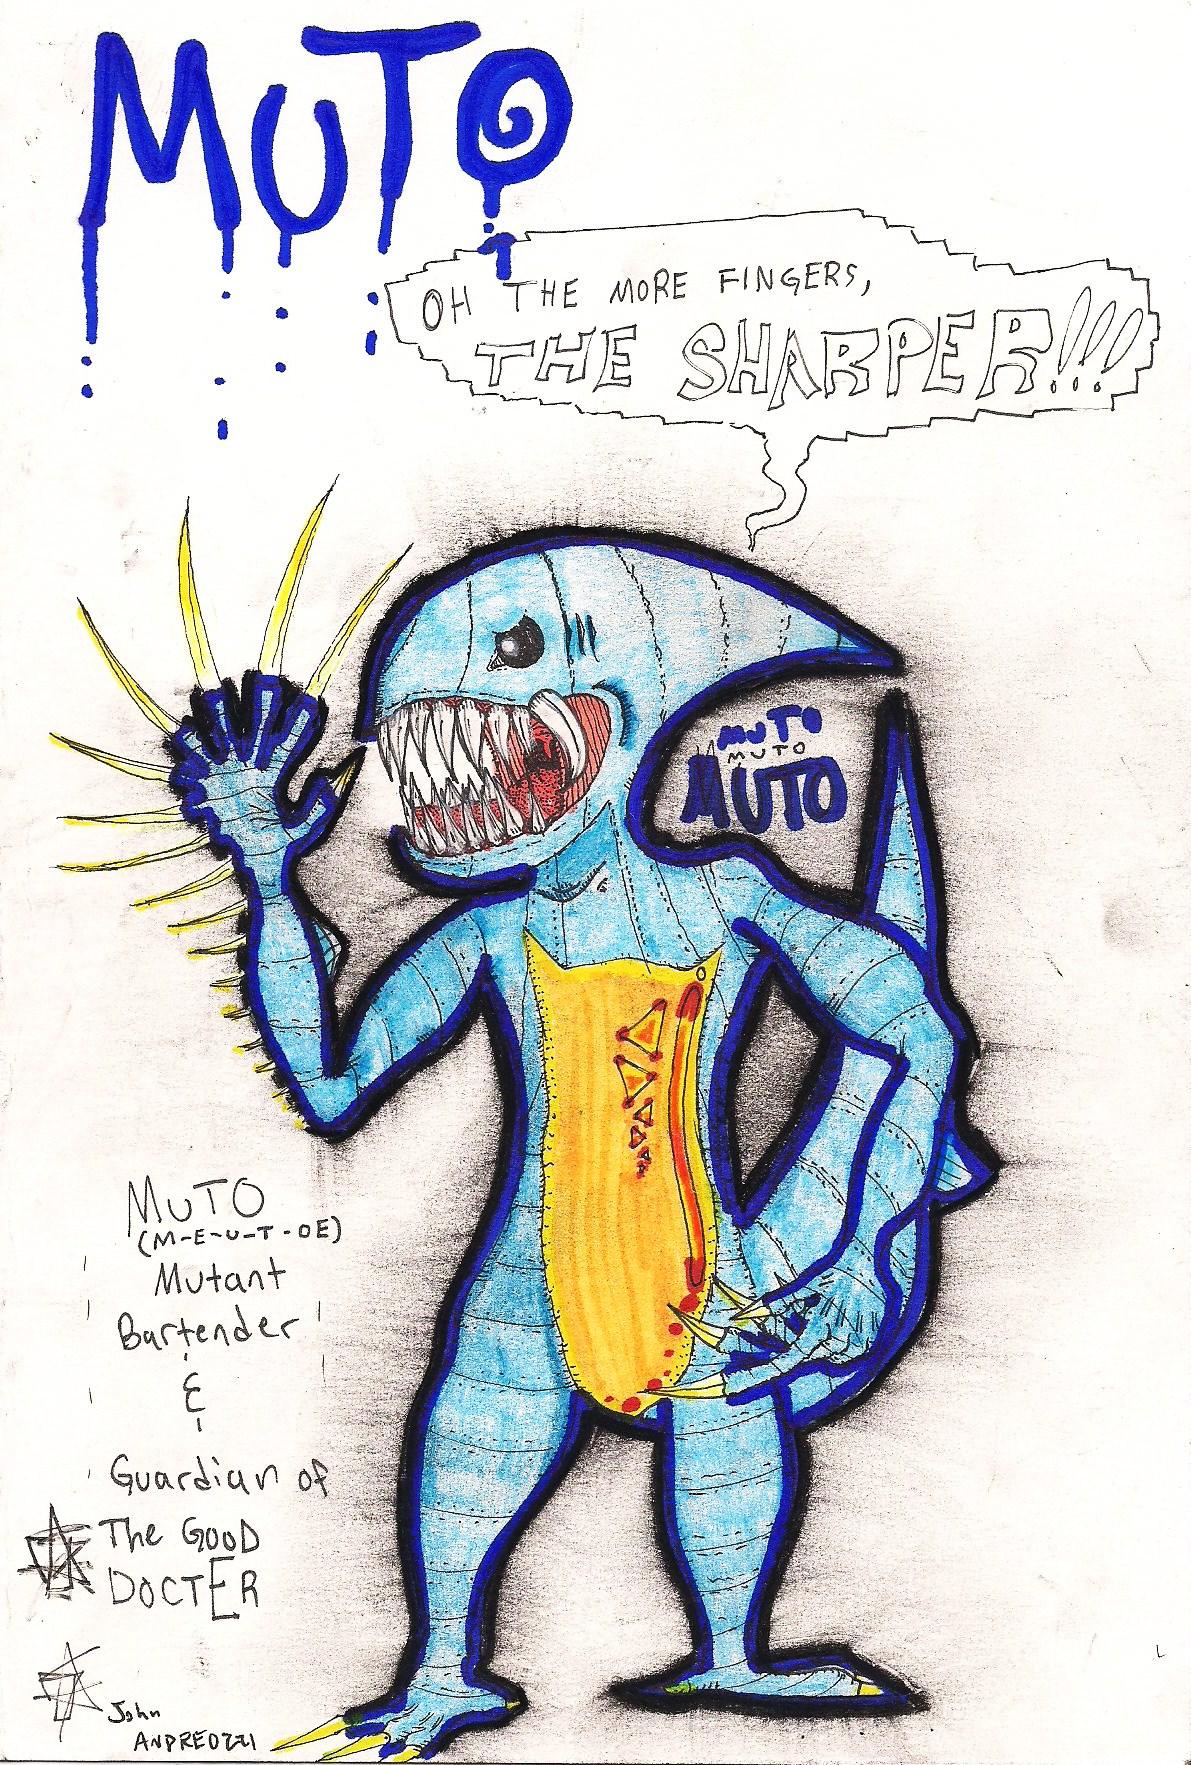 Muto (Mee-You-Toe)